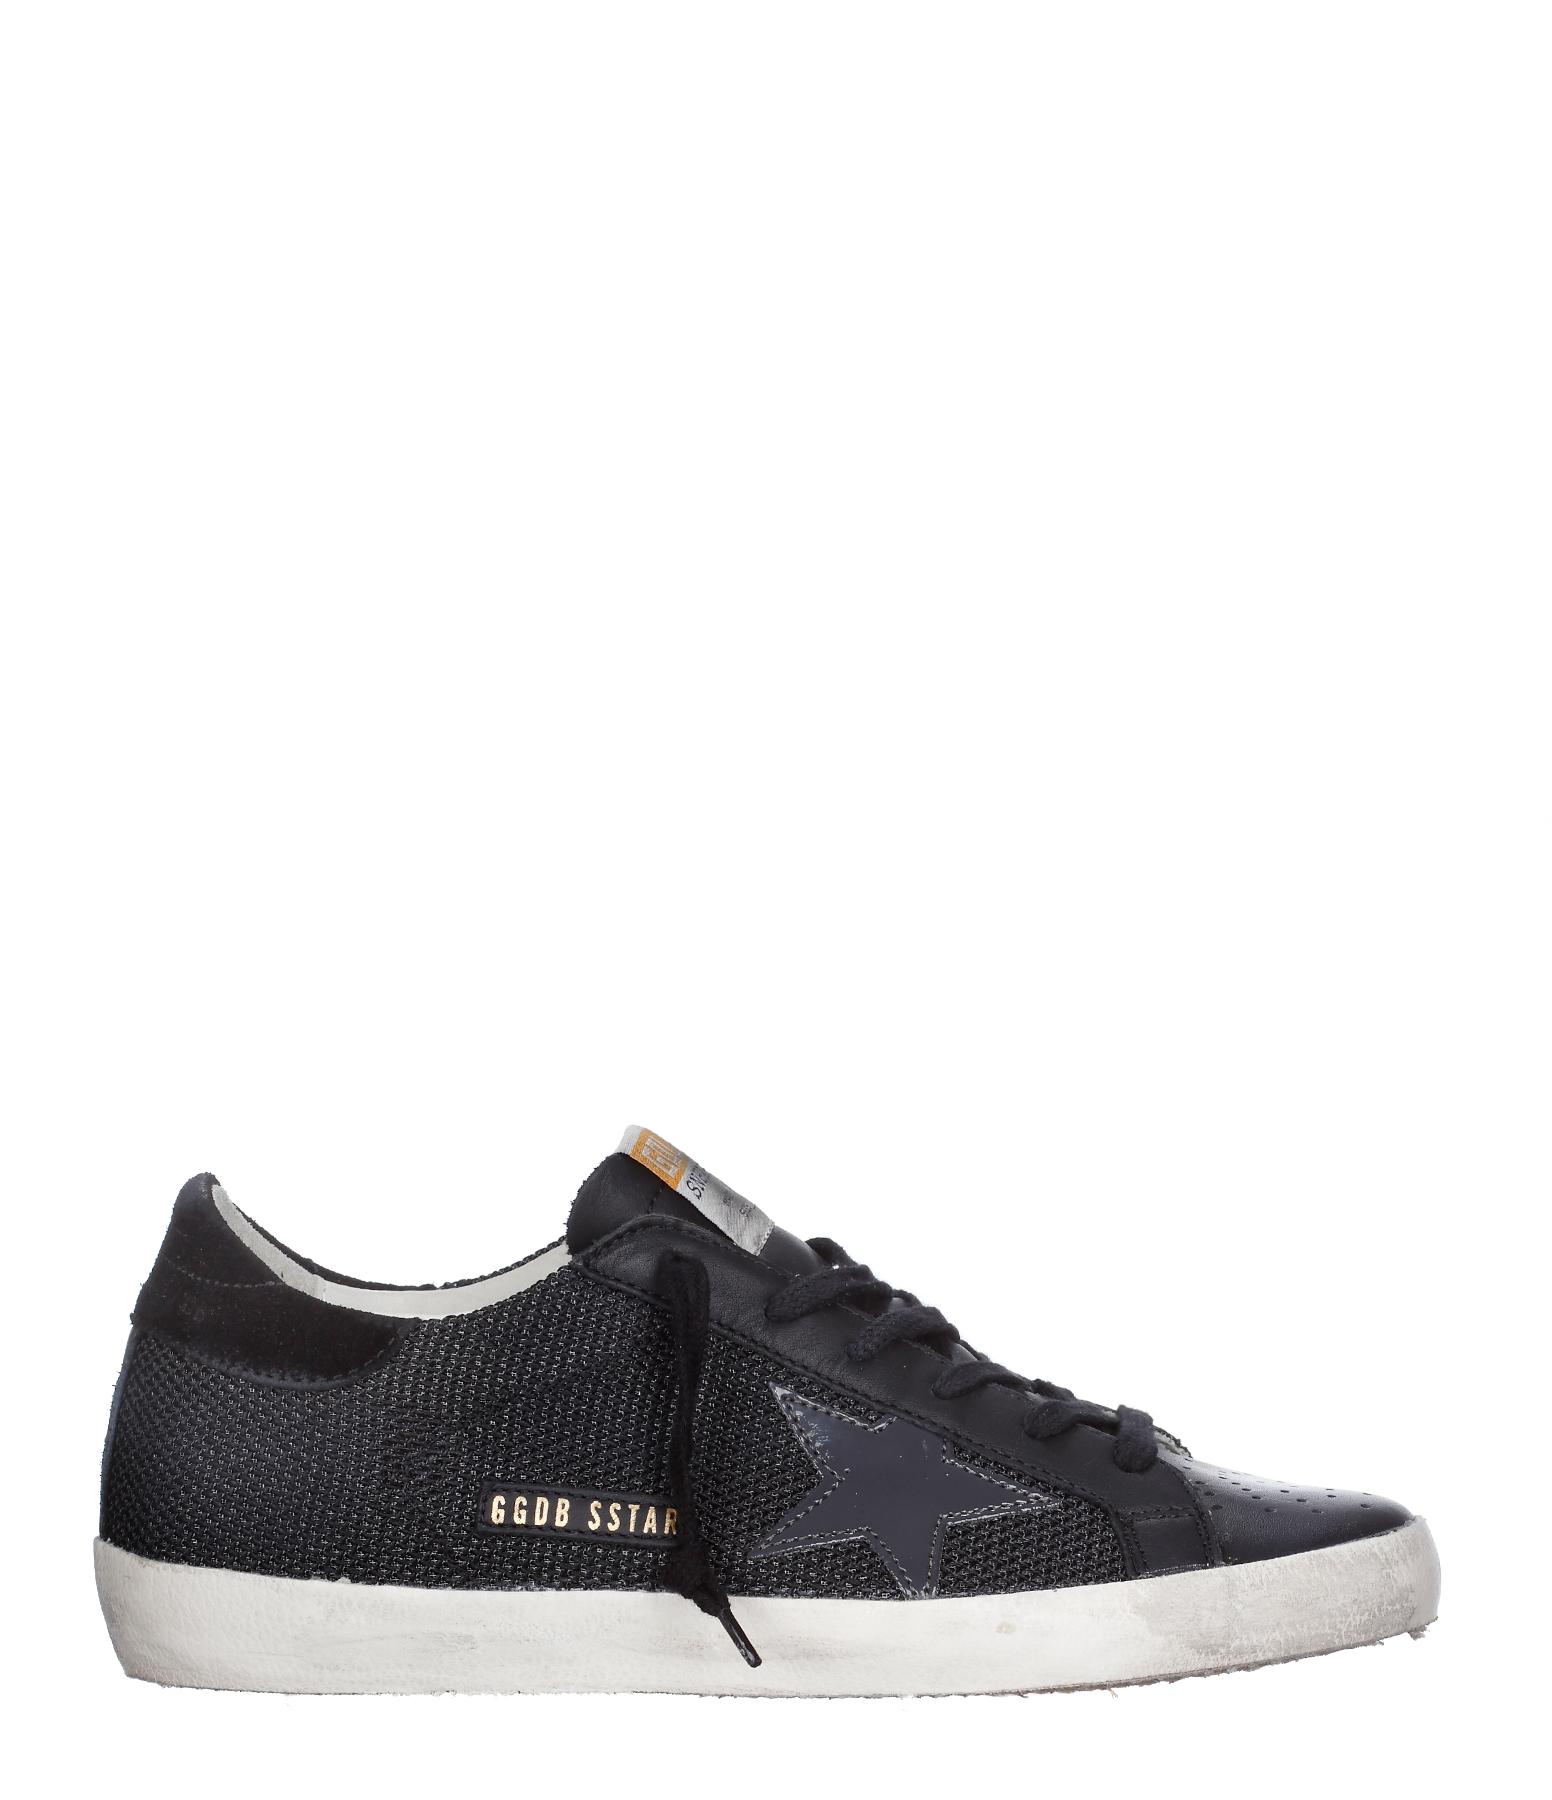 Sneakers Superstar Black Cord